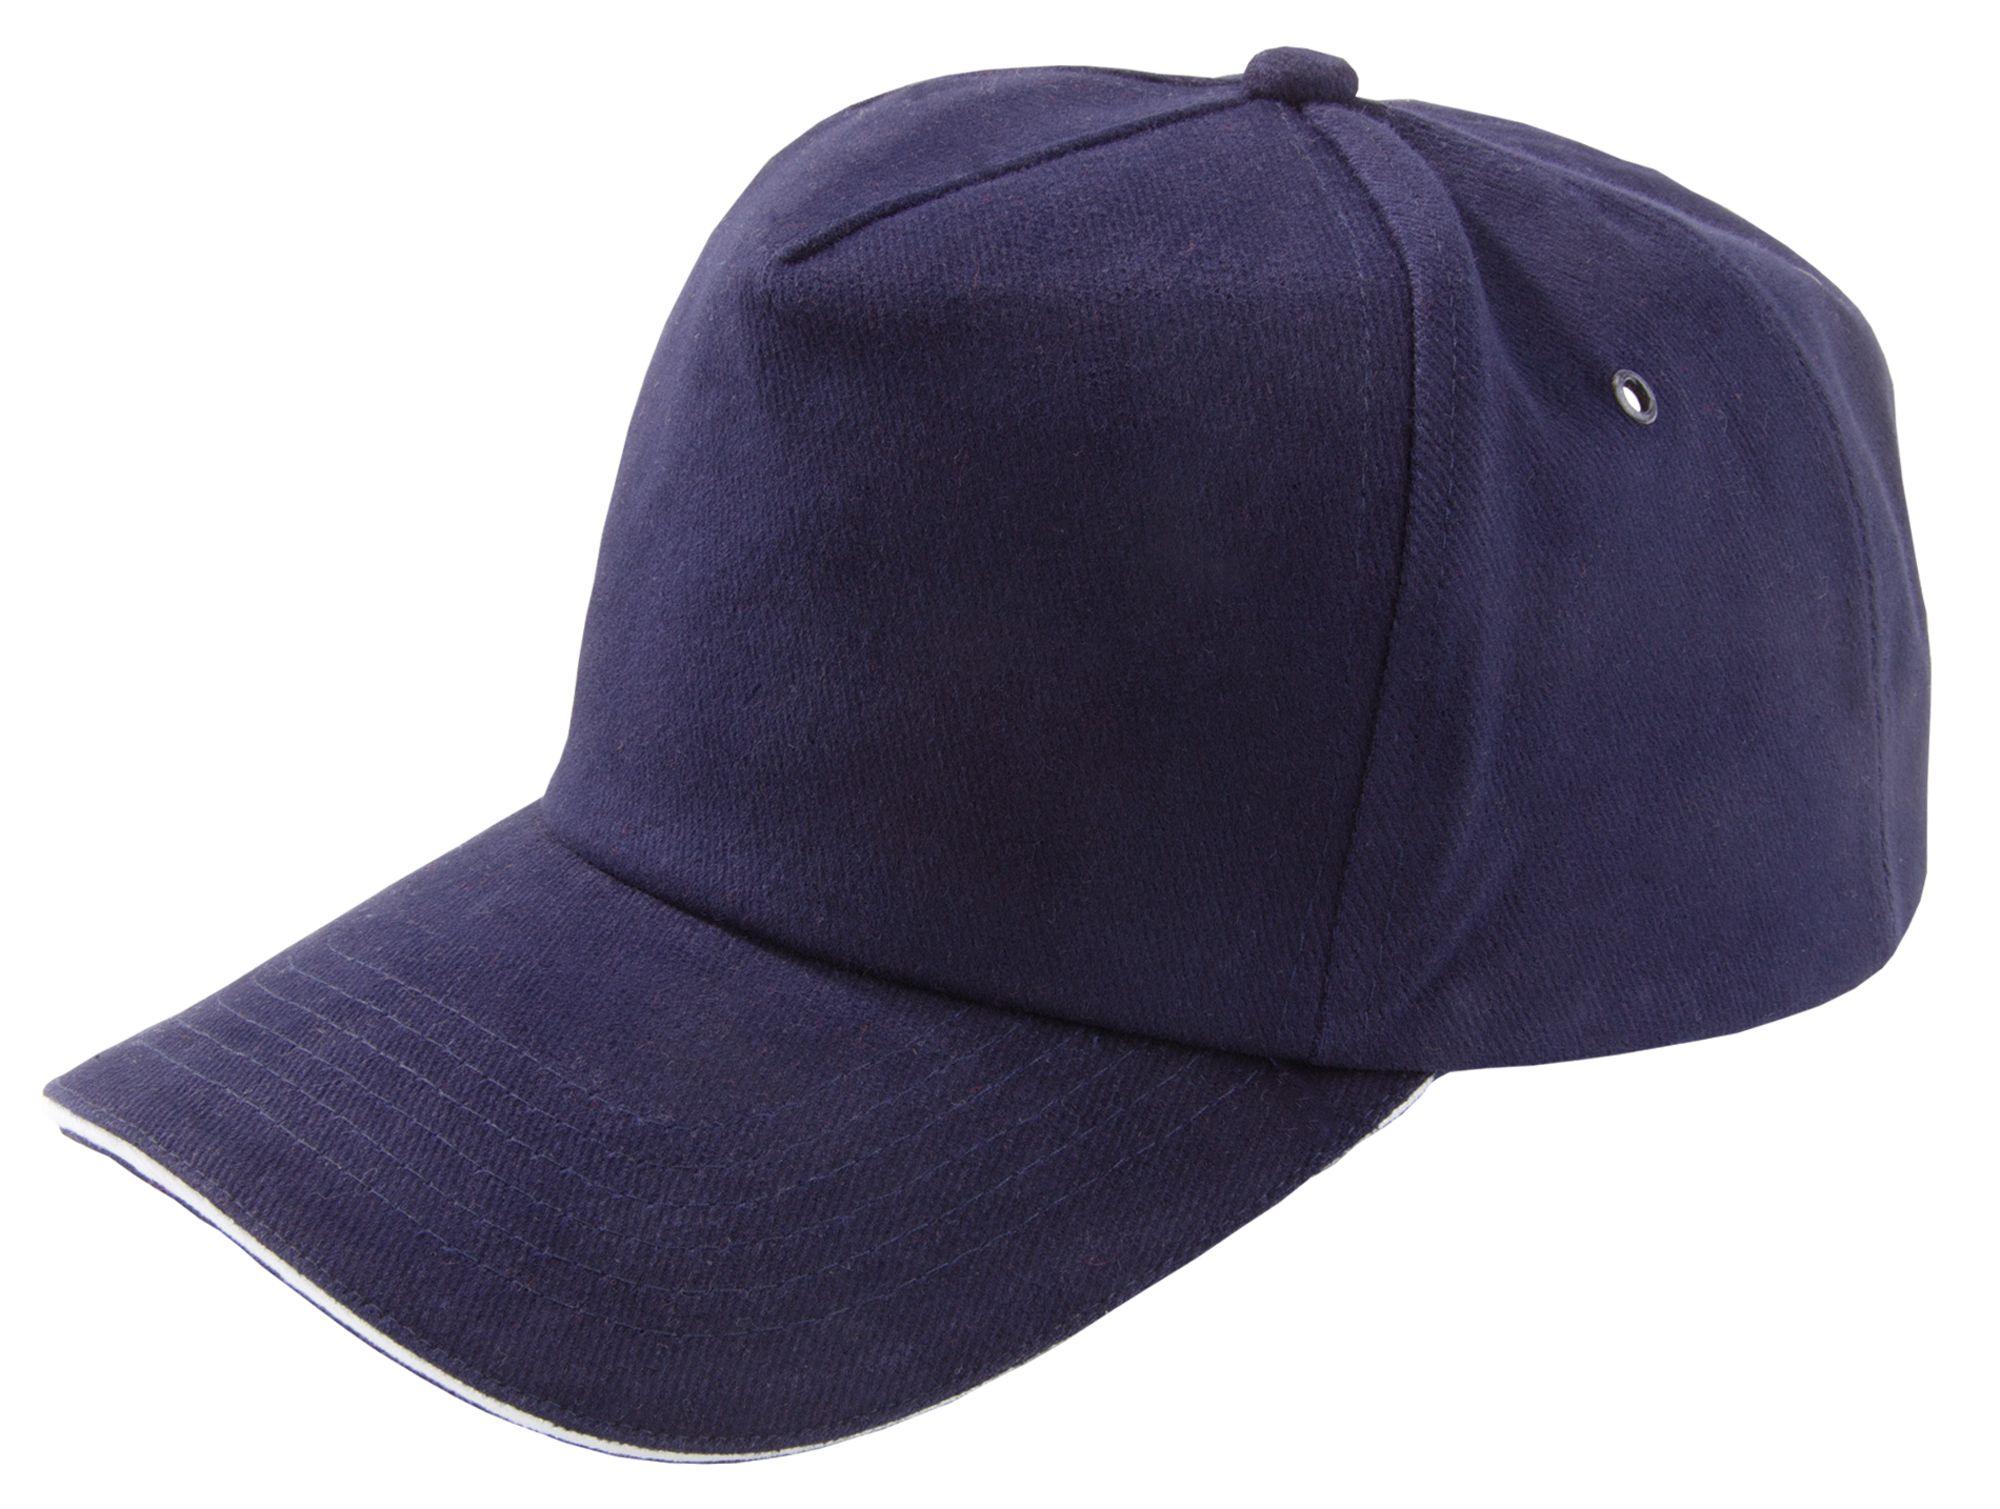 Бейсболка Unit Classic, темно-синяя с белым кантом